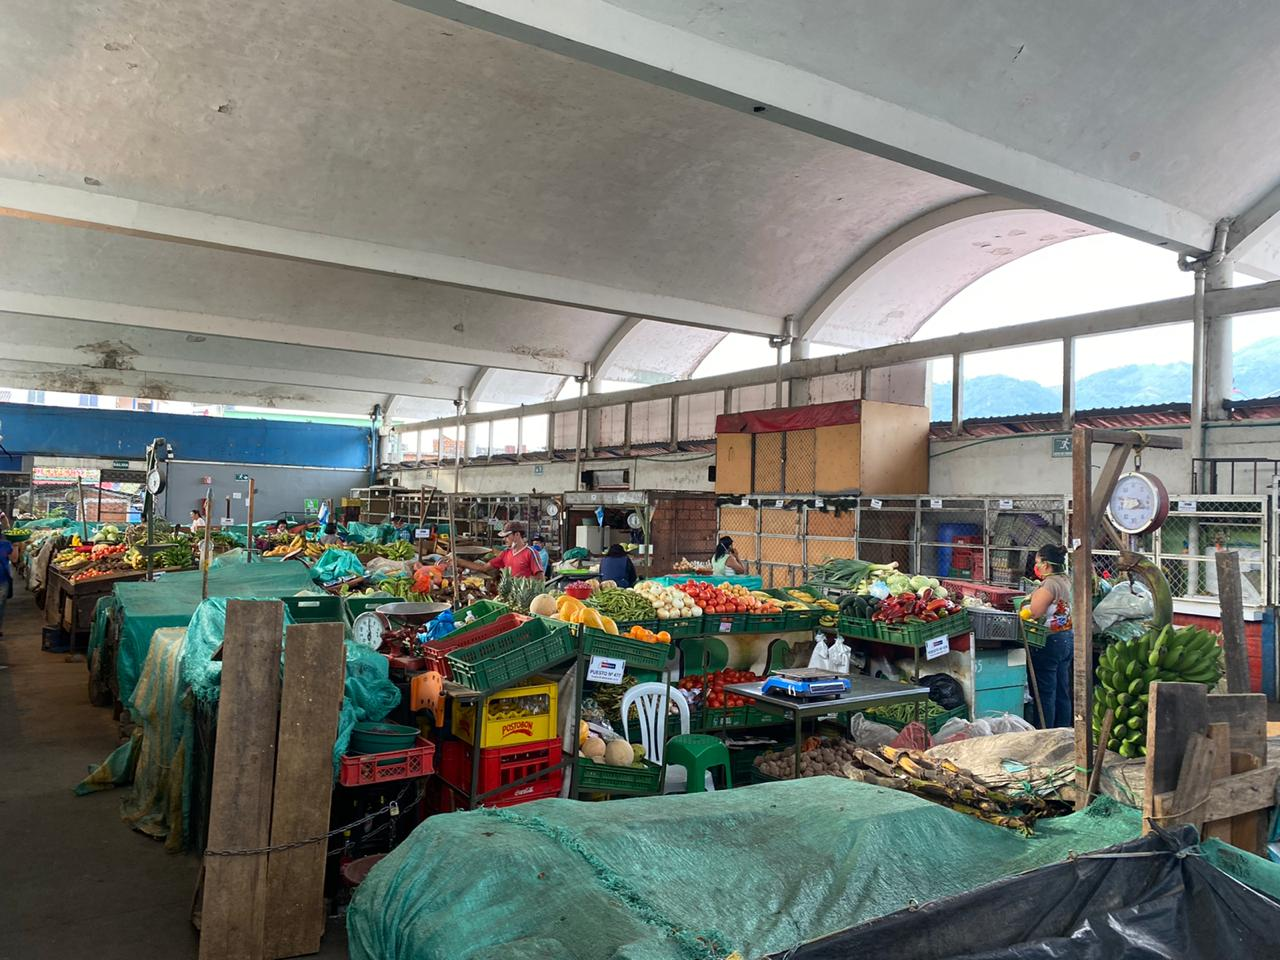 Plazas de mercado tendrán horario especial durante Semana Santa